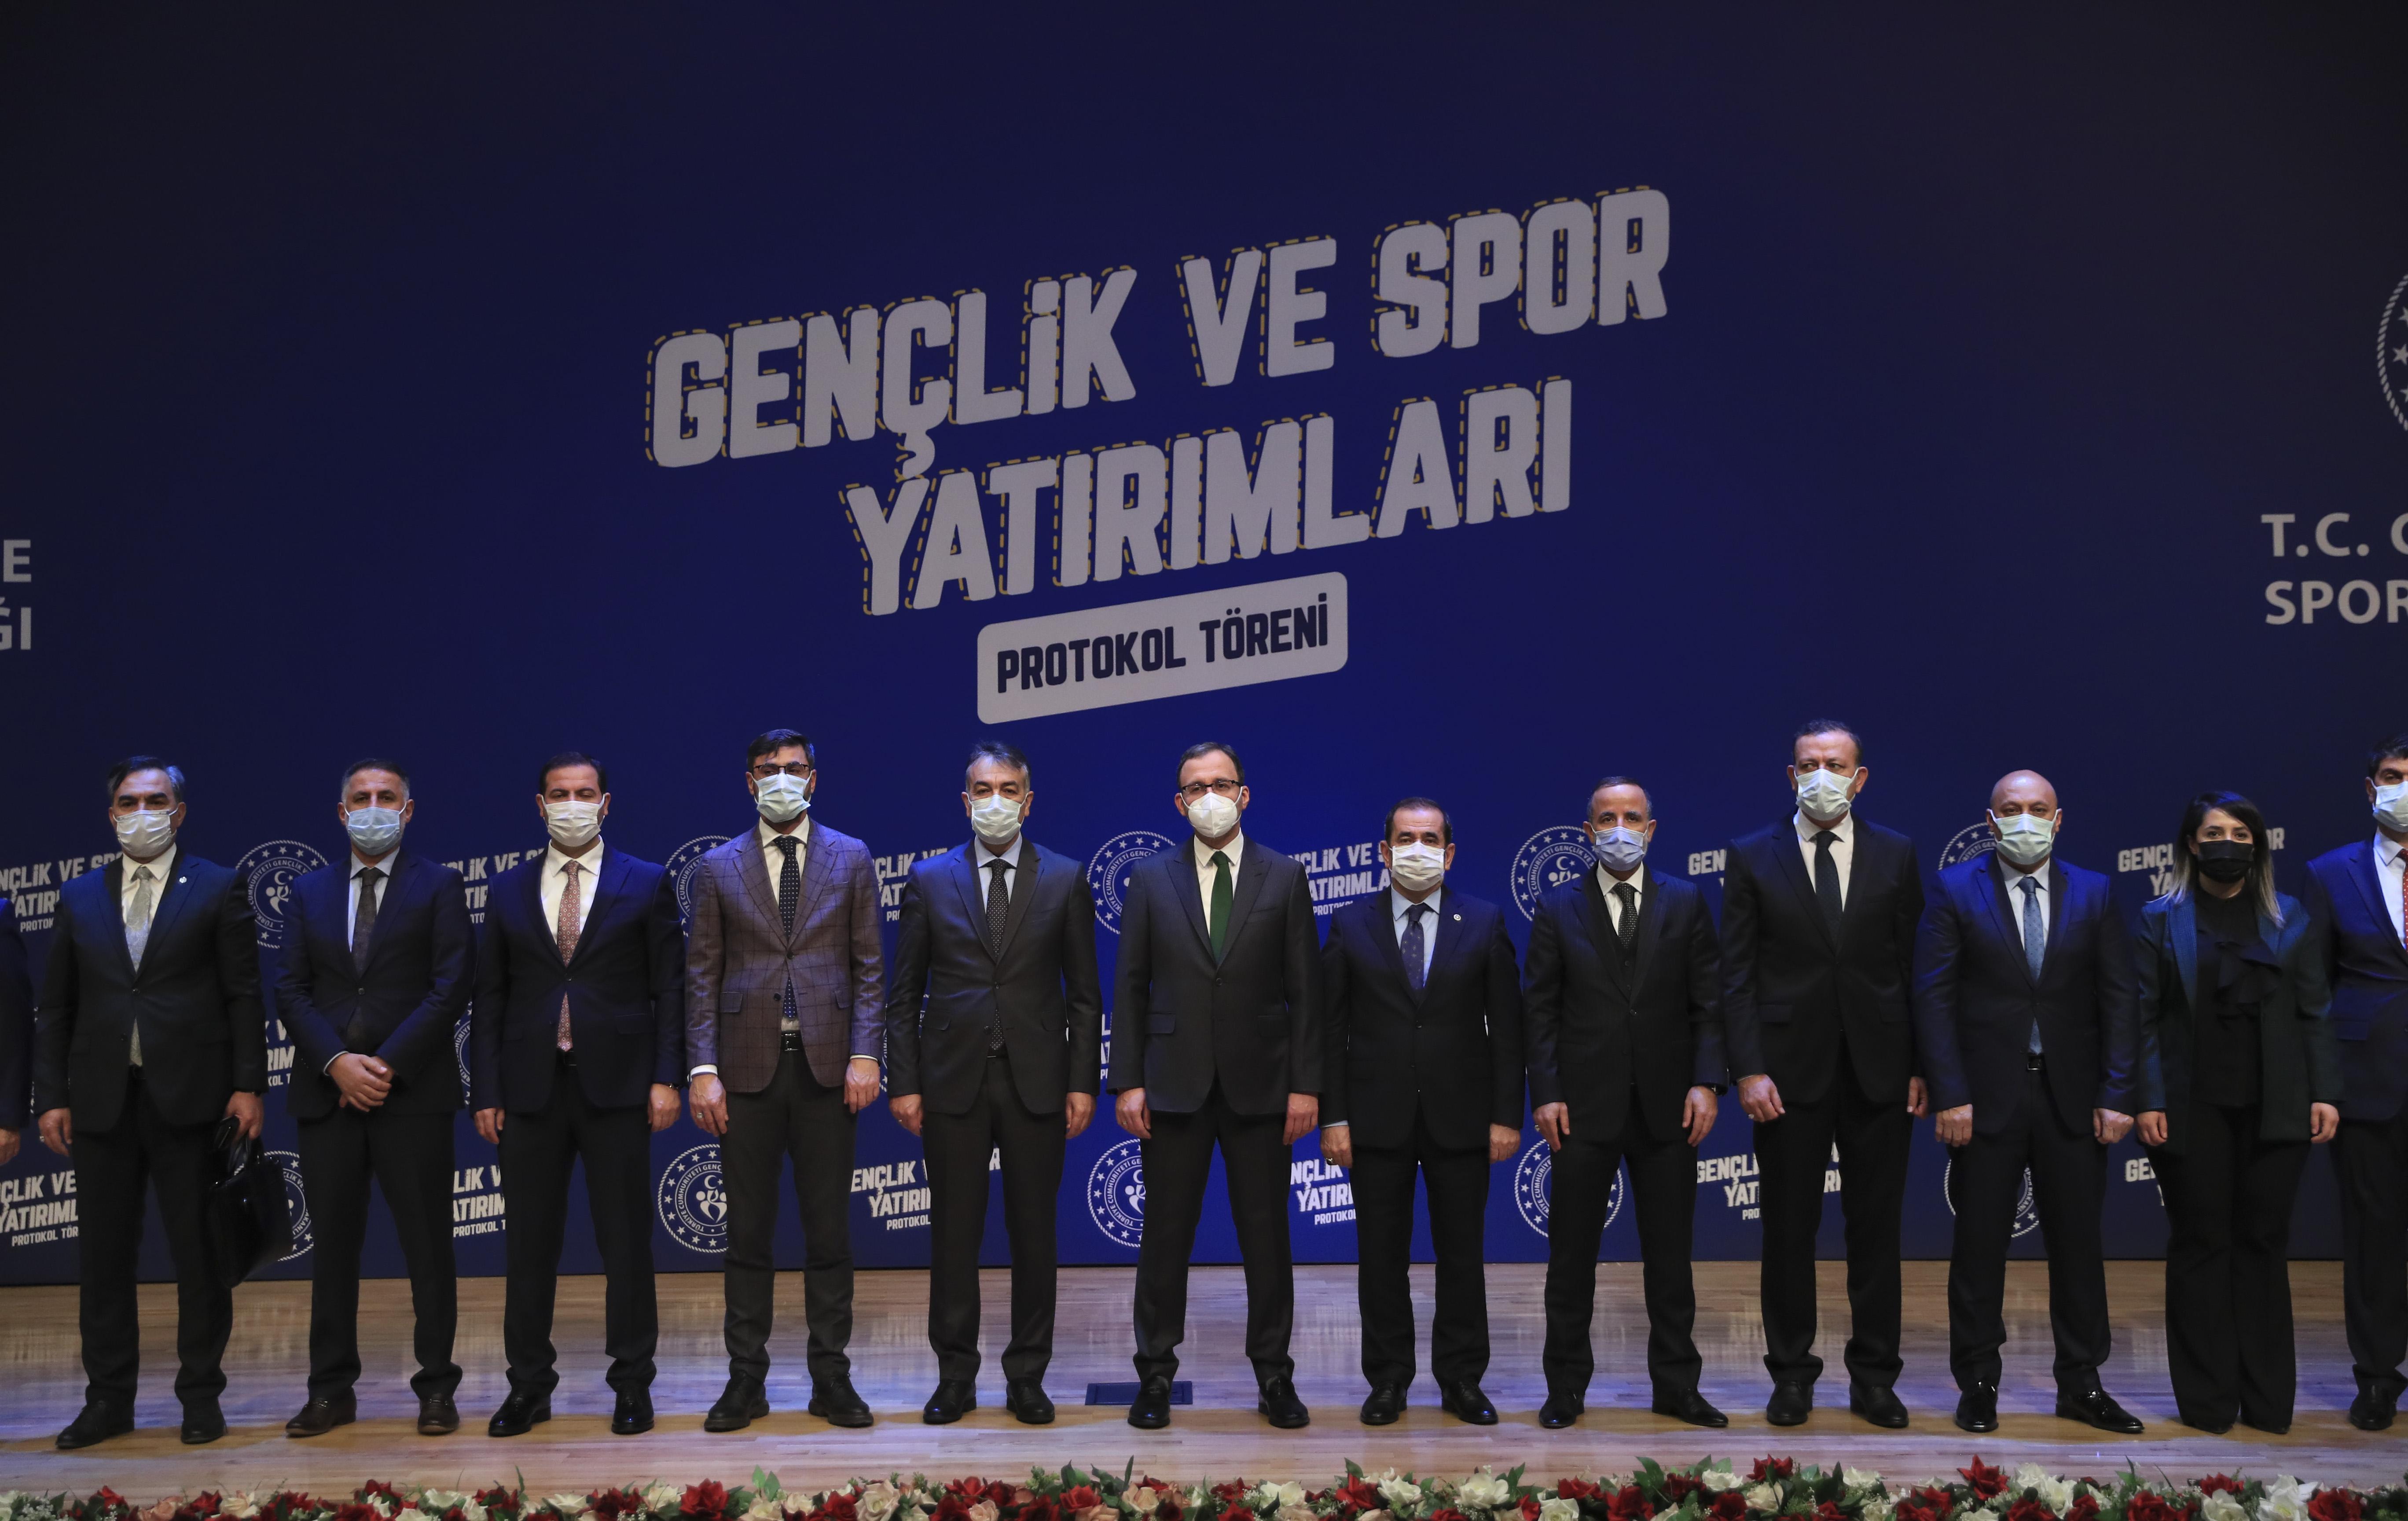 Gençlere umut olan gelişme! Gençlik ve Spor Bakanlığından Bitlis'e spor ve gençlik yatırımı